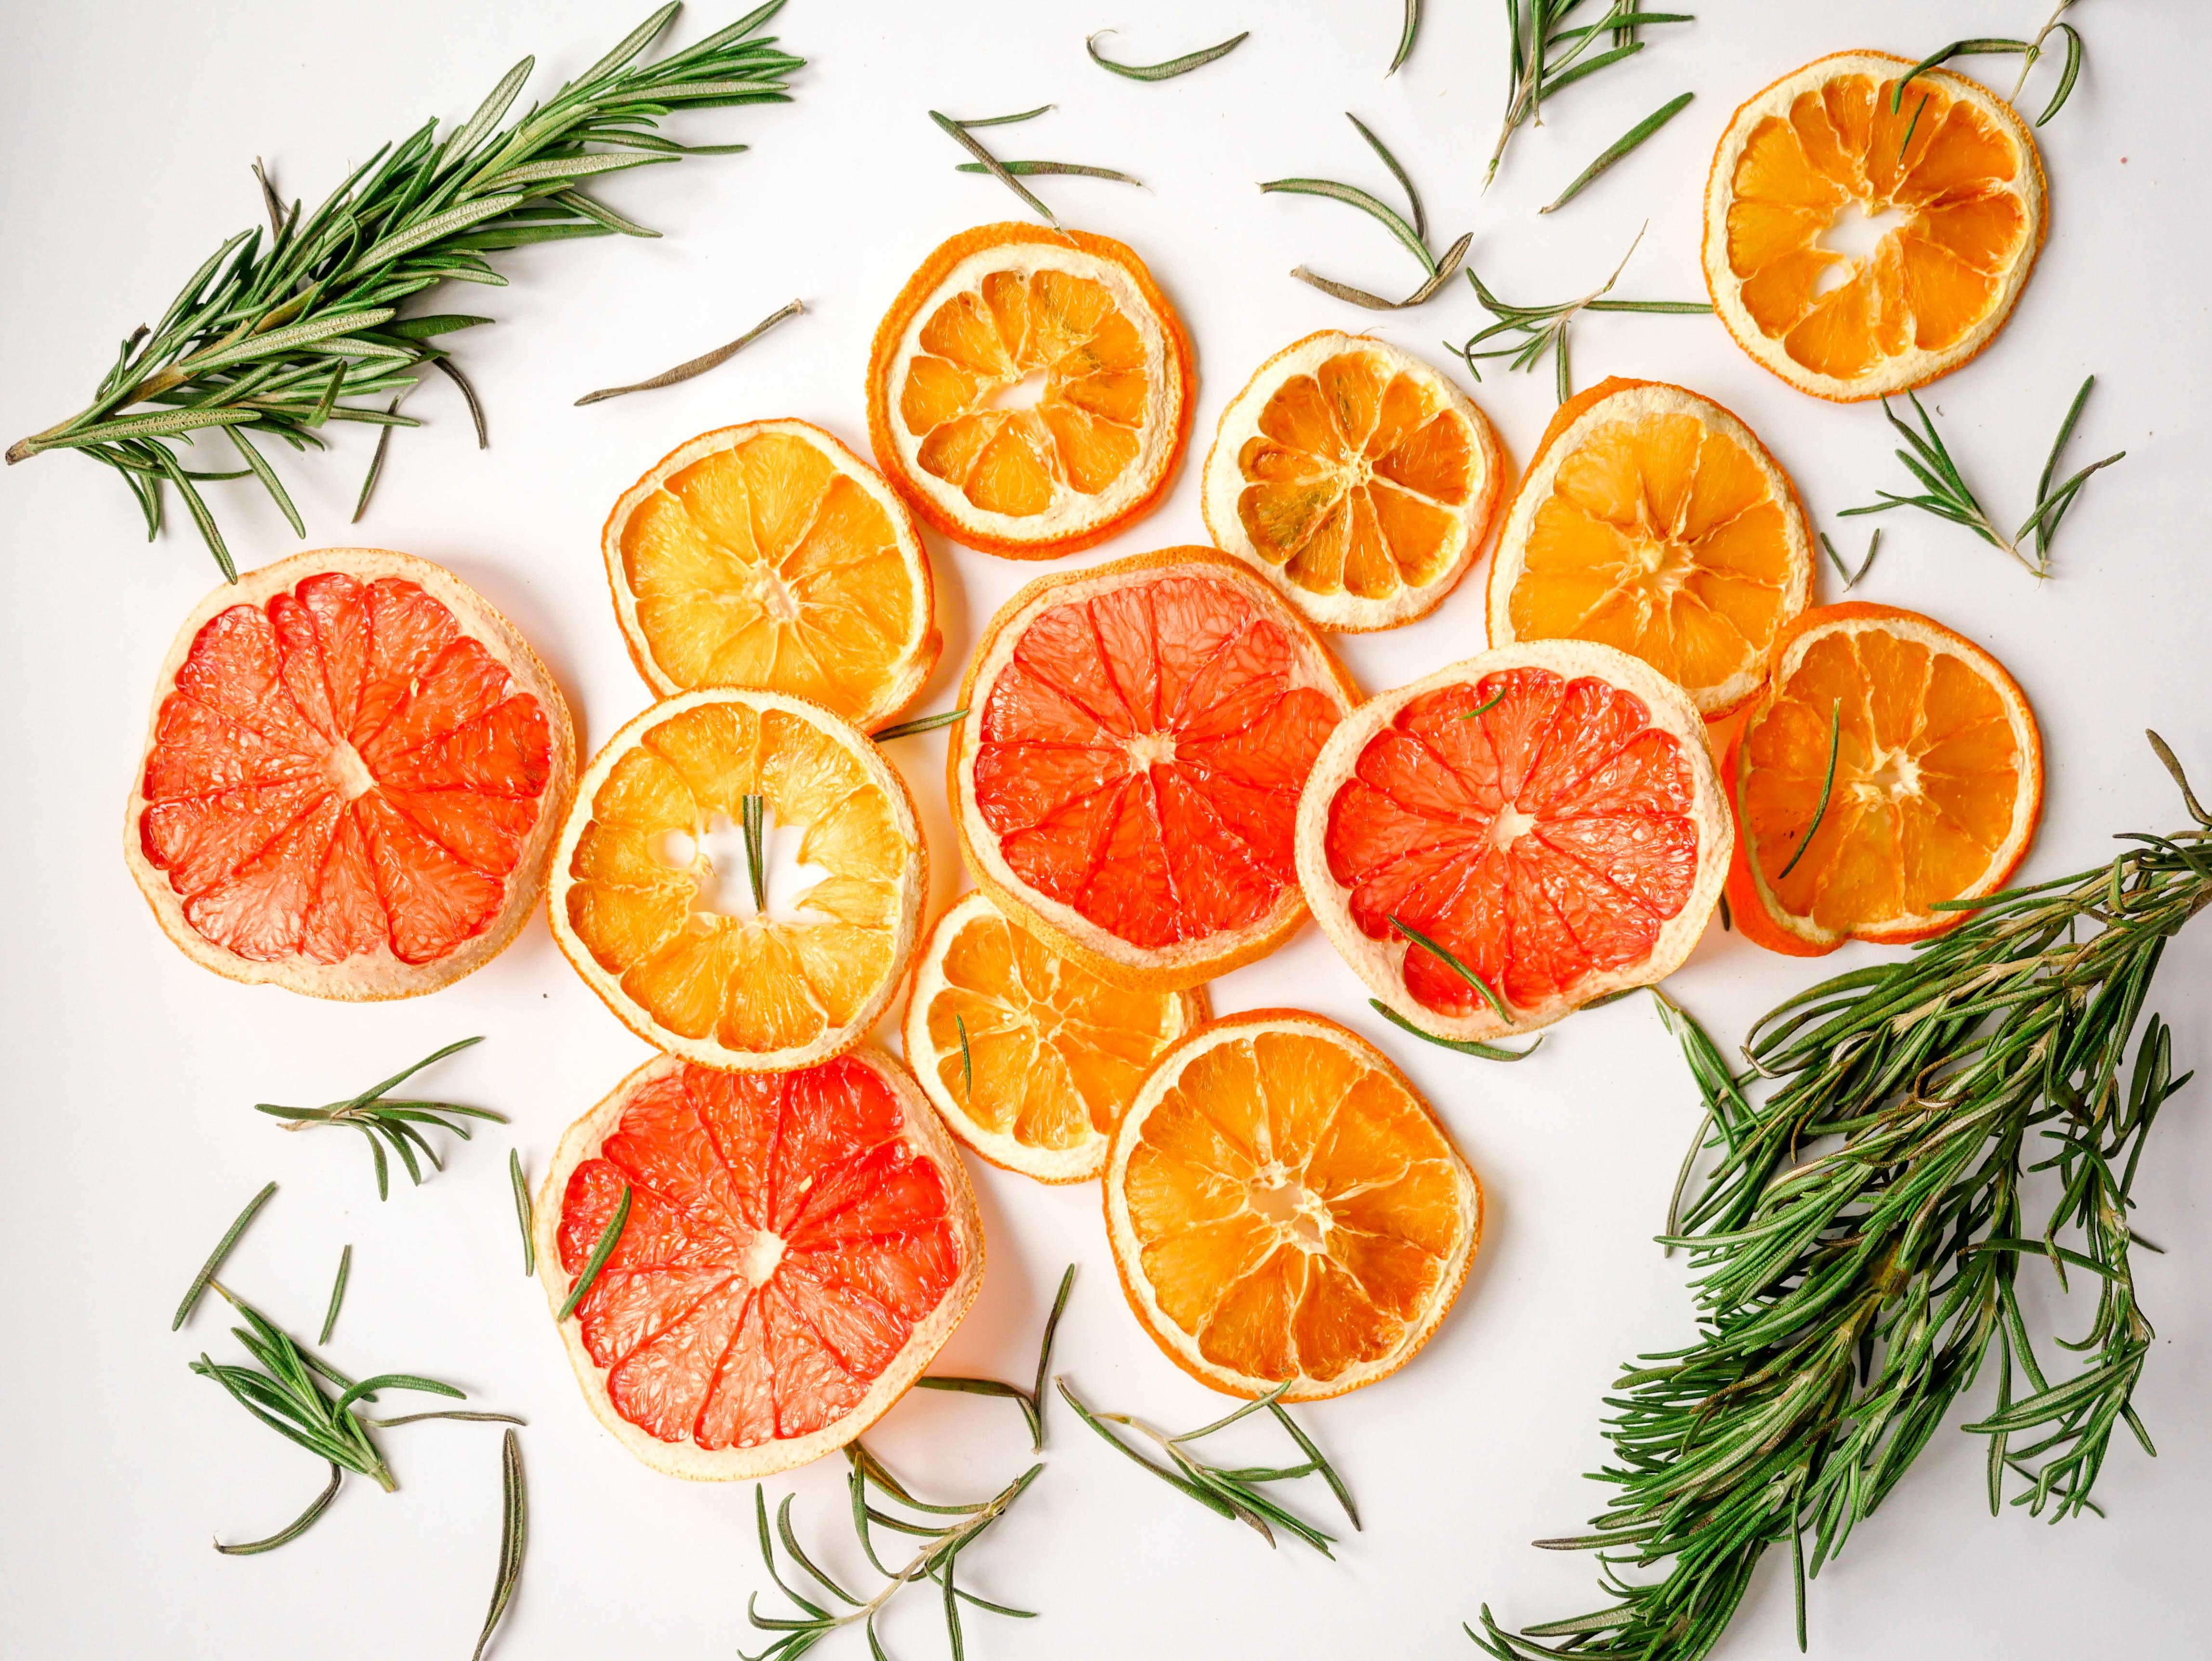 Portakallı, mandalinalı maş fasulyesi salatası